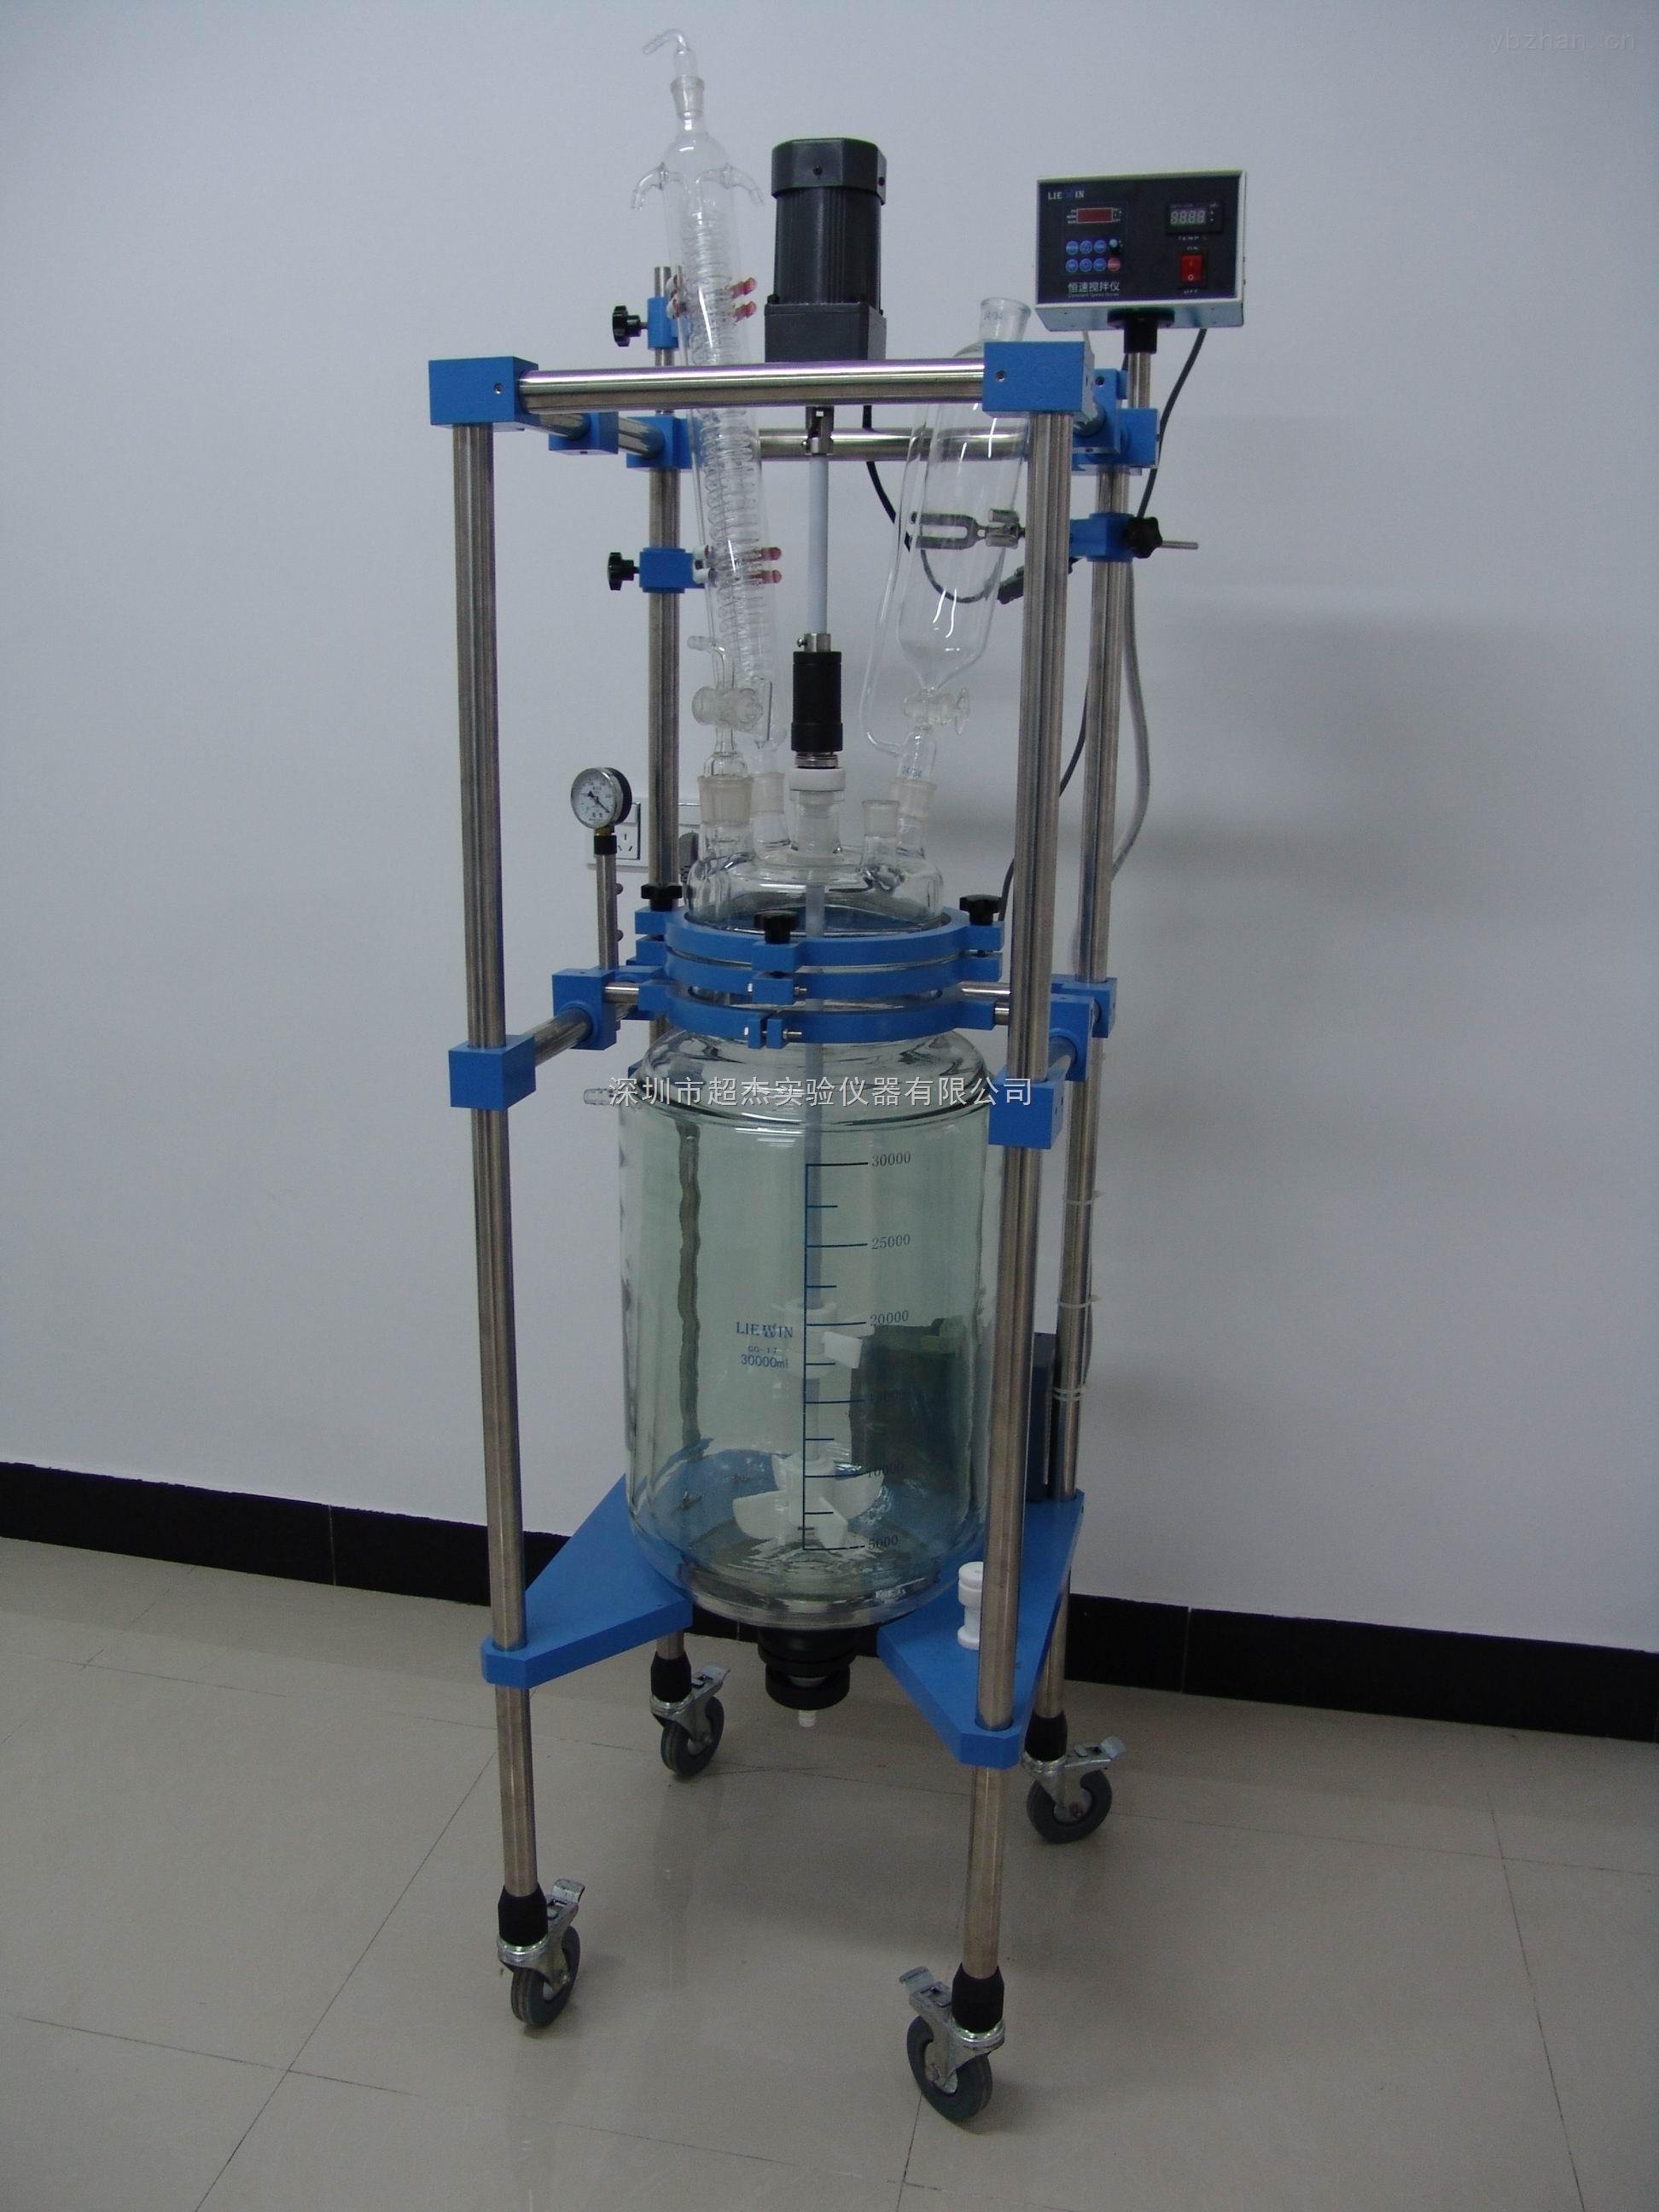 惠州双层玻璃反应釜厂家|惠州双层玻璃反应釜厂家